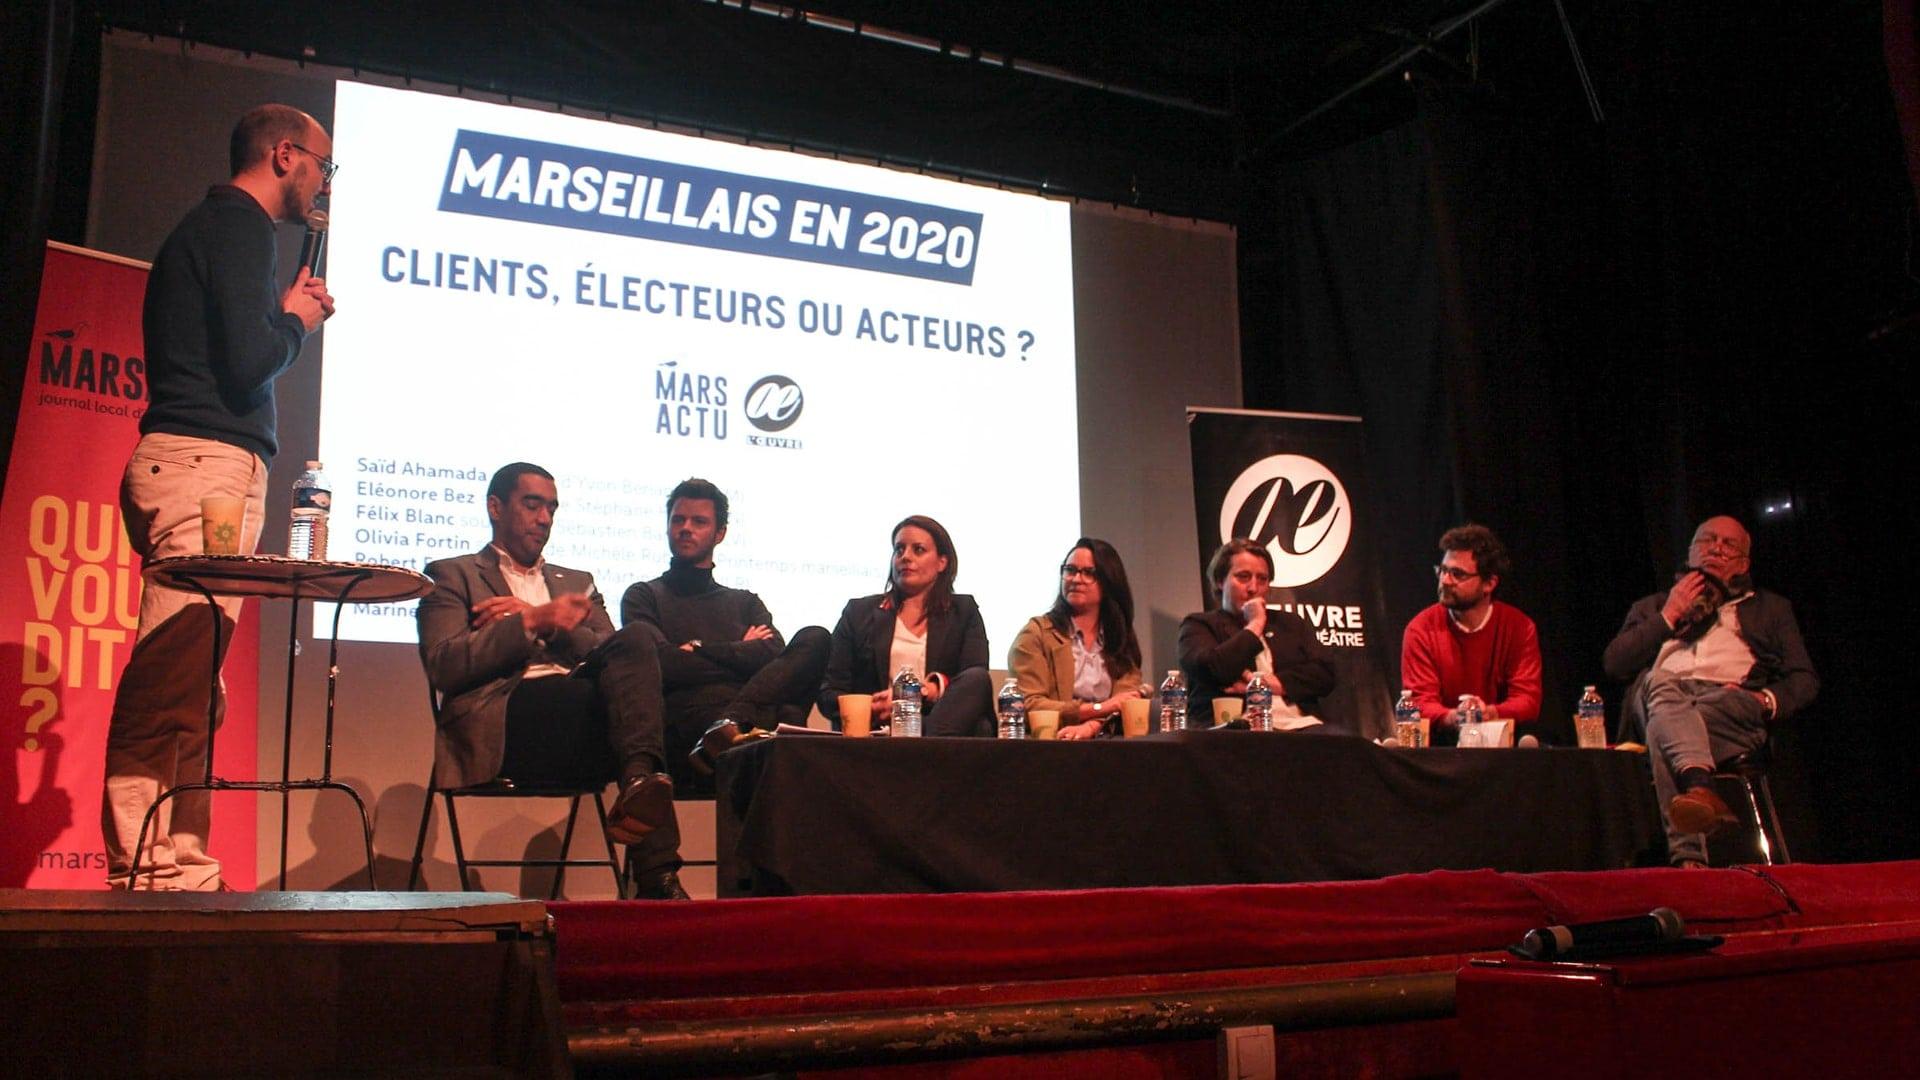 [Notre débat en vidéo] Marseillais 2020 : clients, électeurs ou acteurs ?